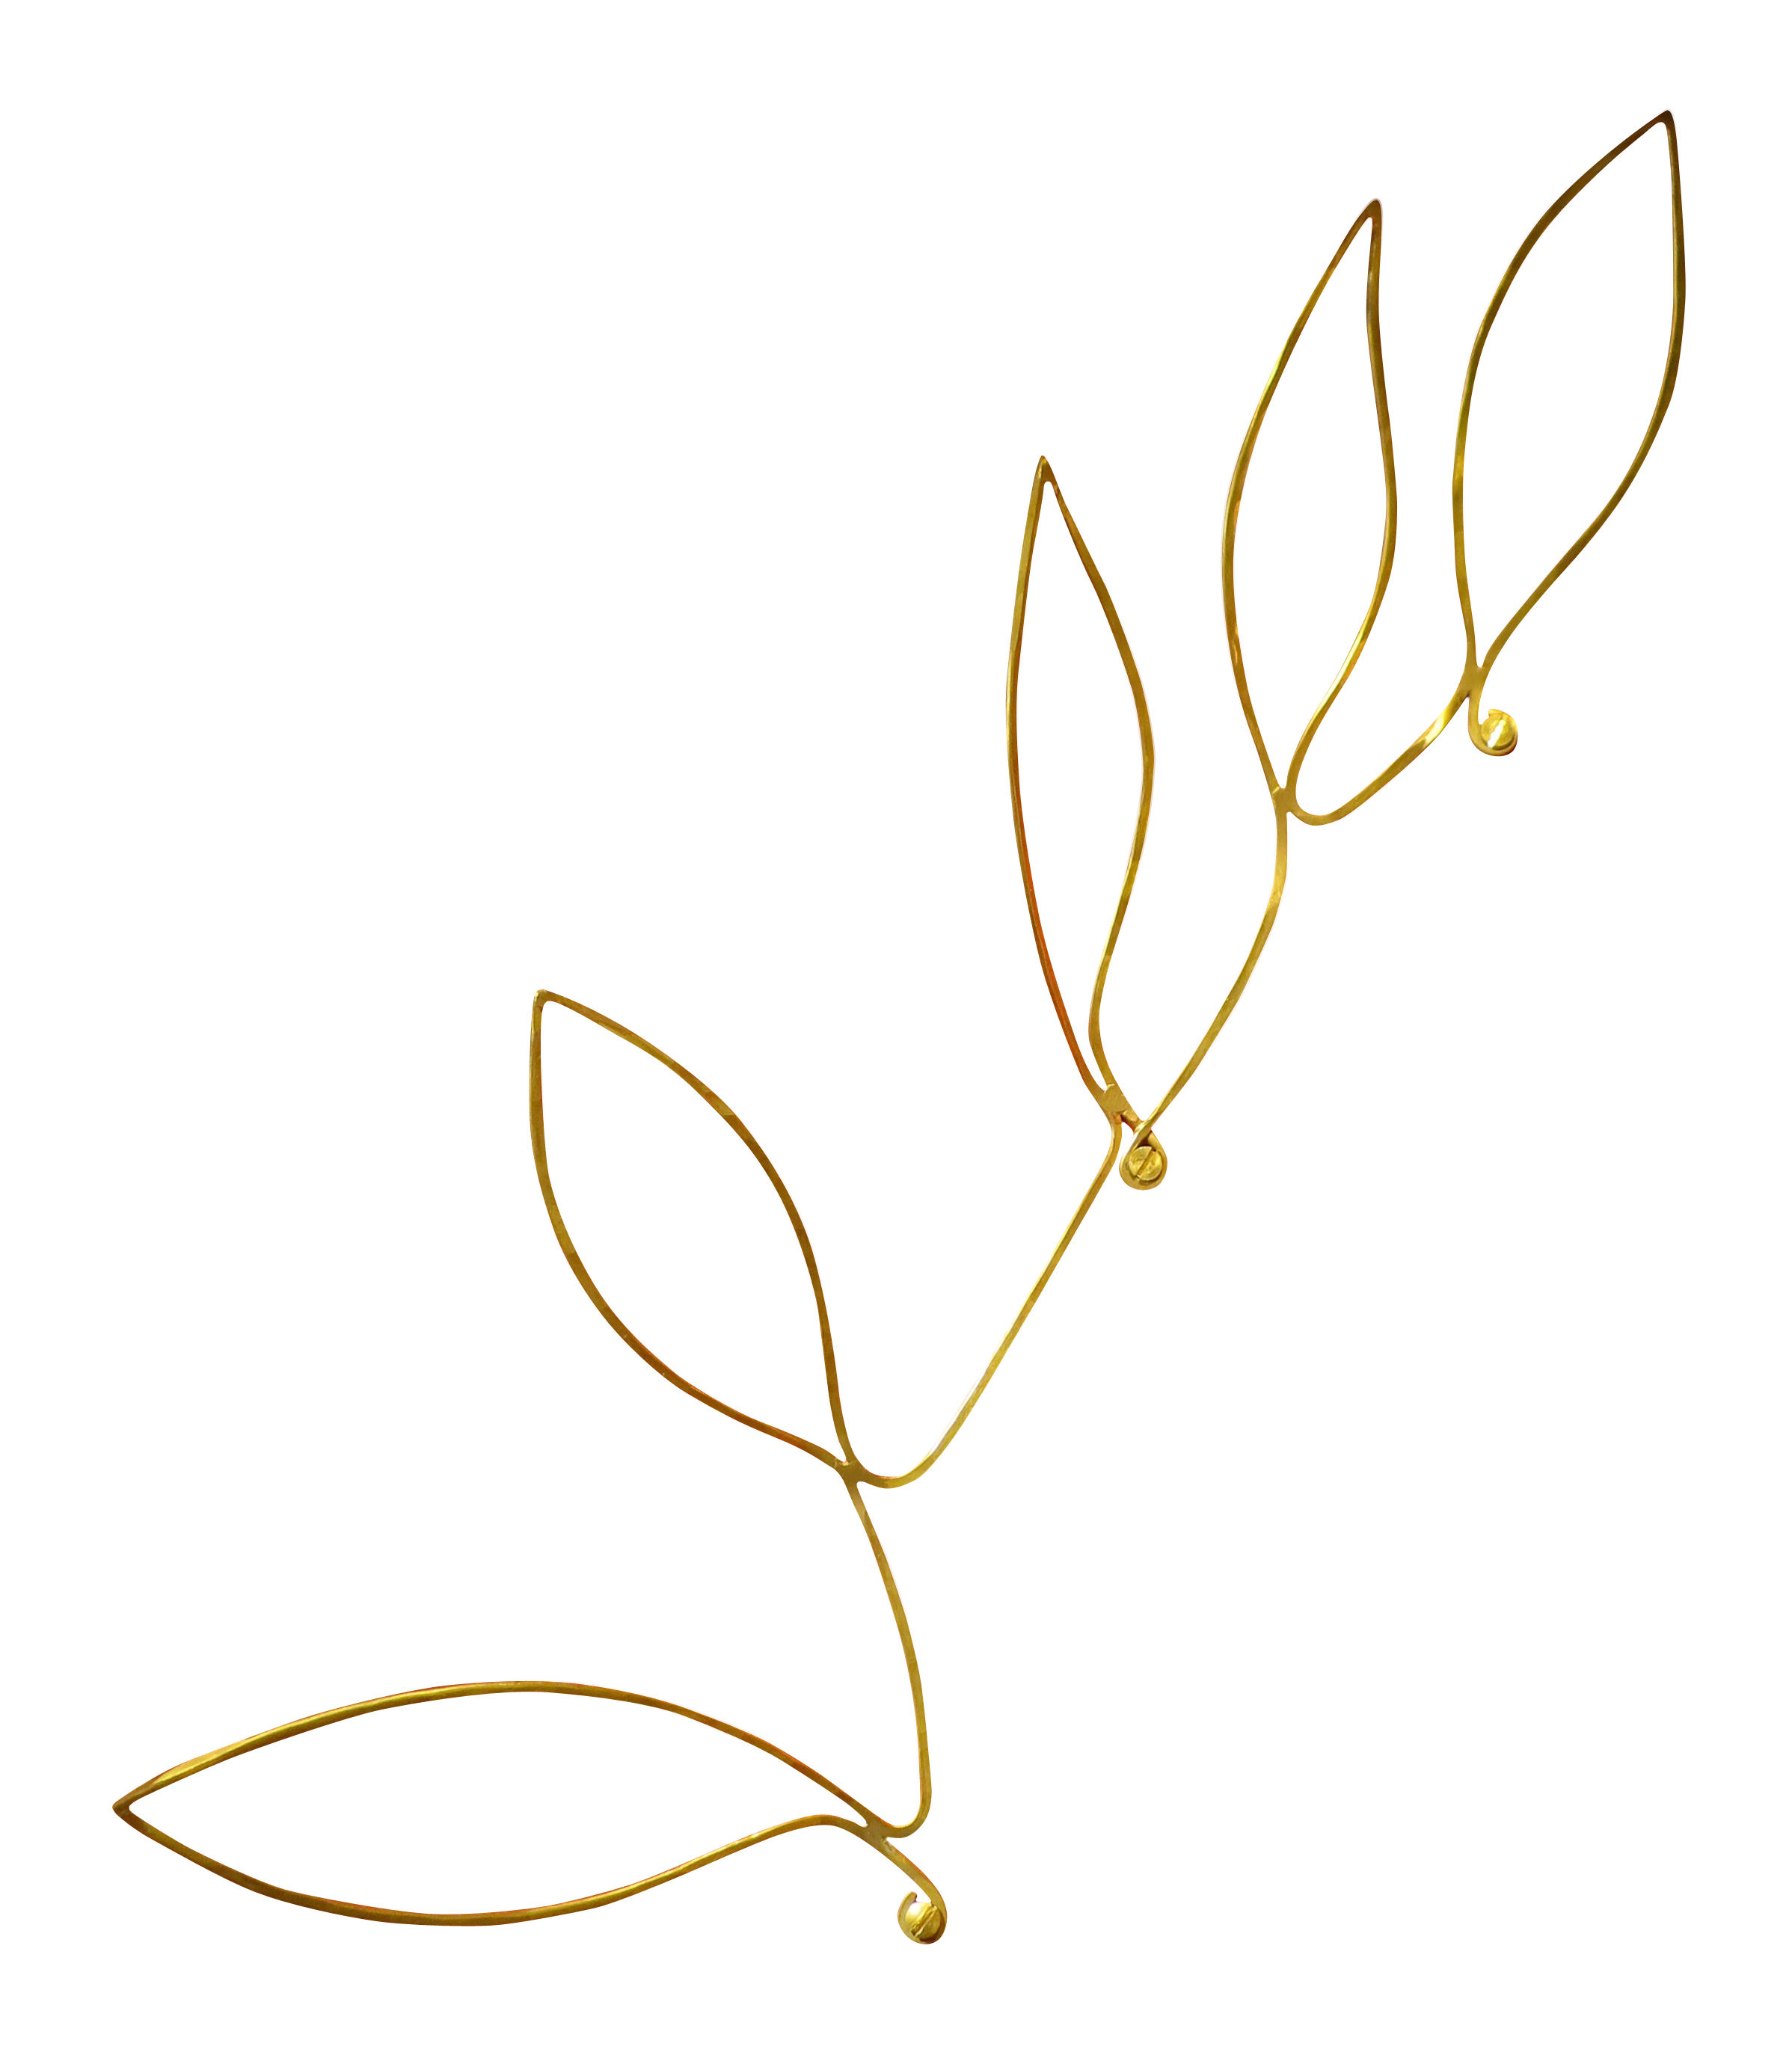 Dekoration - Körbe und Ablagen - Silhouettes - Wandhalterung für Objekte Blätter / messingfarben - Sentou Edition - Blätter / messingfarben - Messing